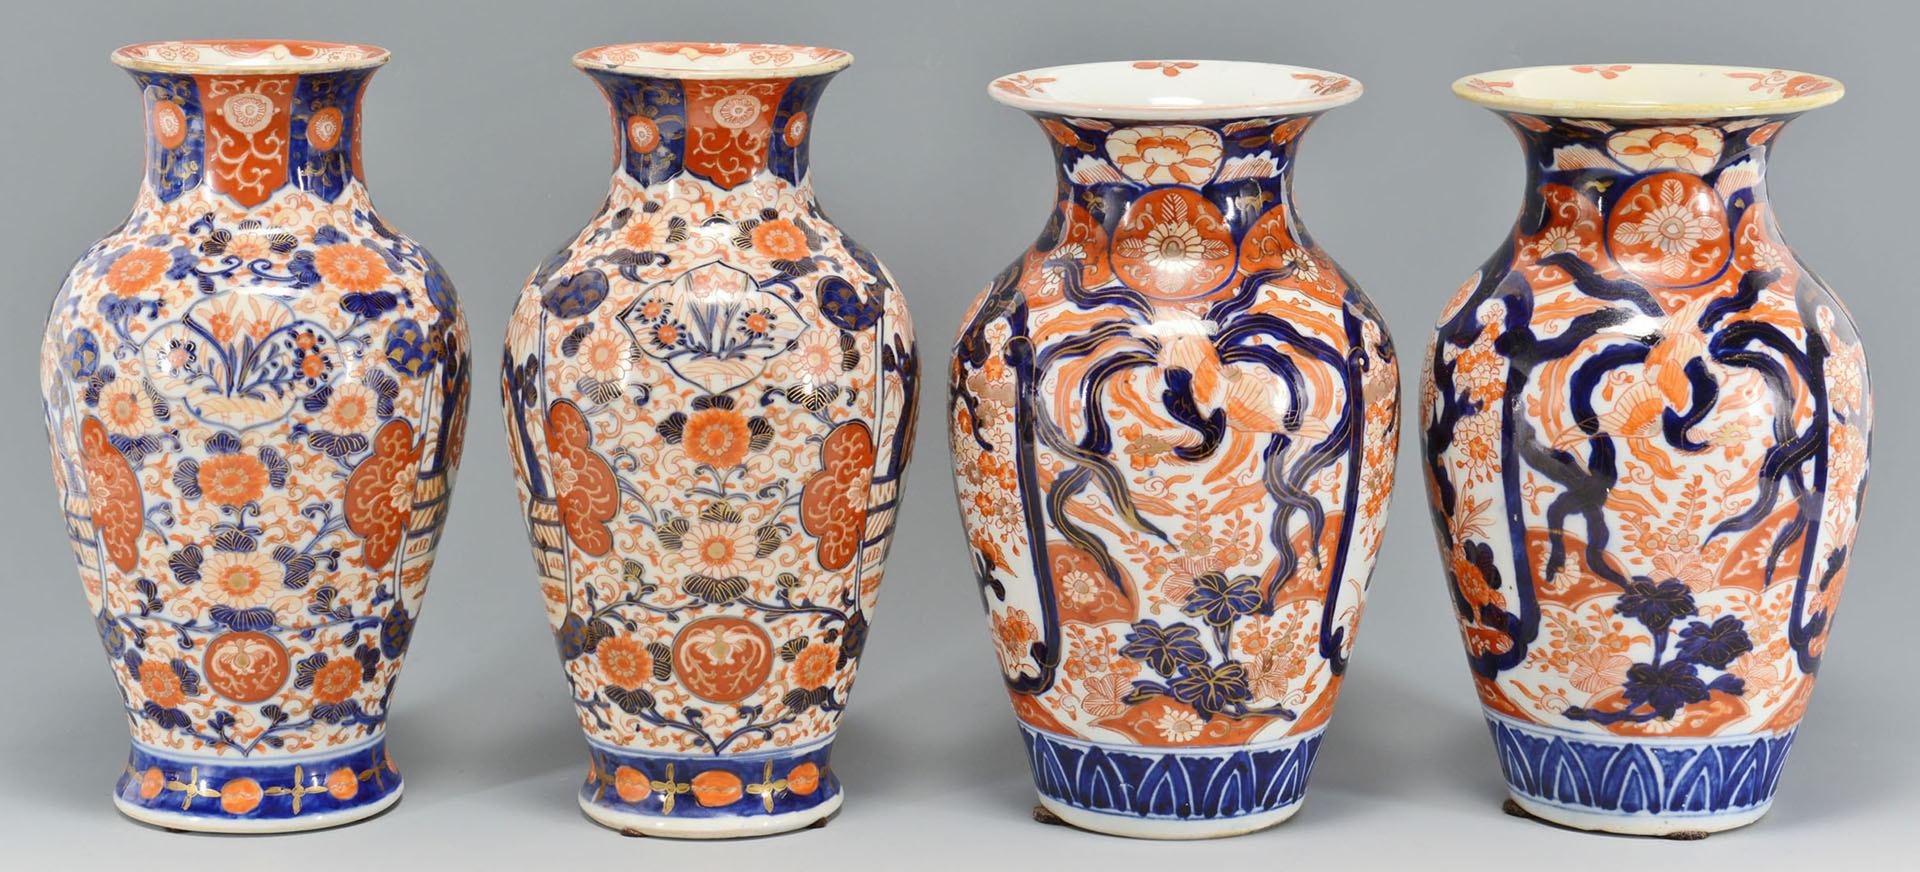 Lot 460: 2 Pairs of Japanese Imari Vases